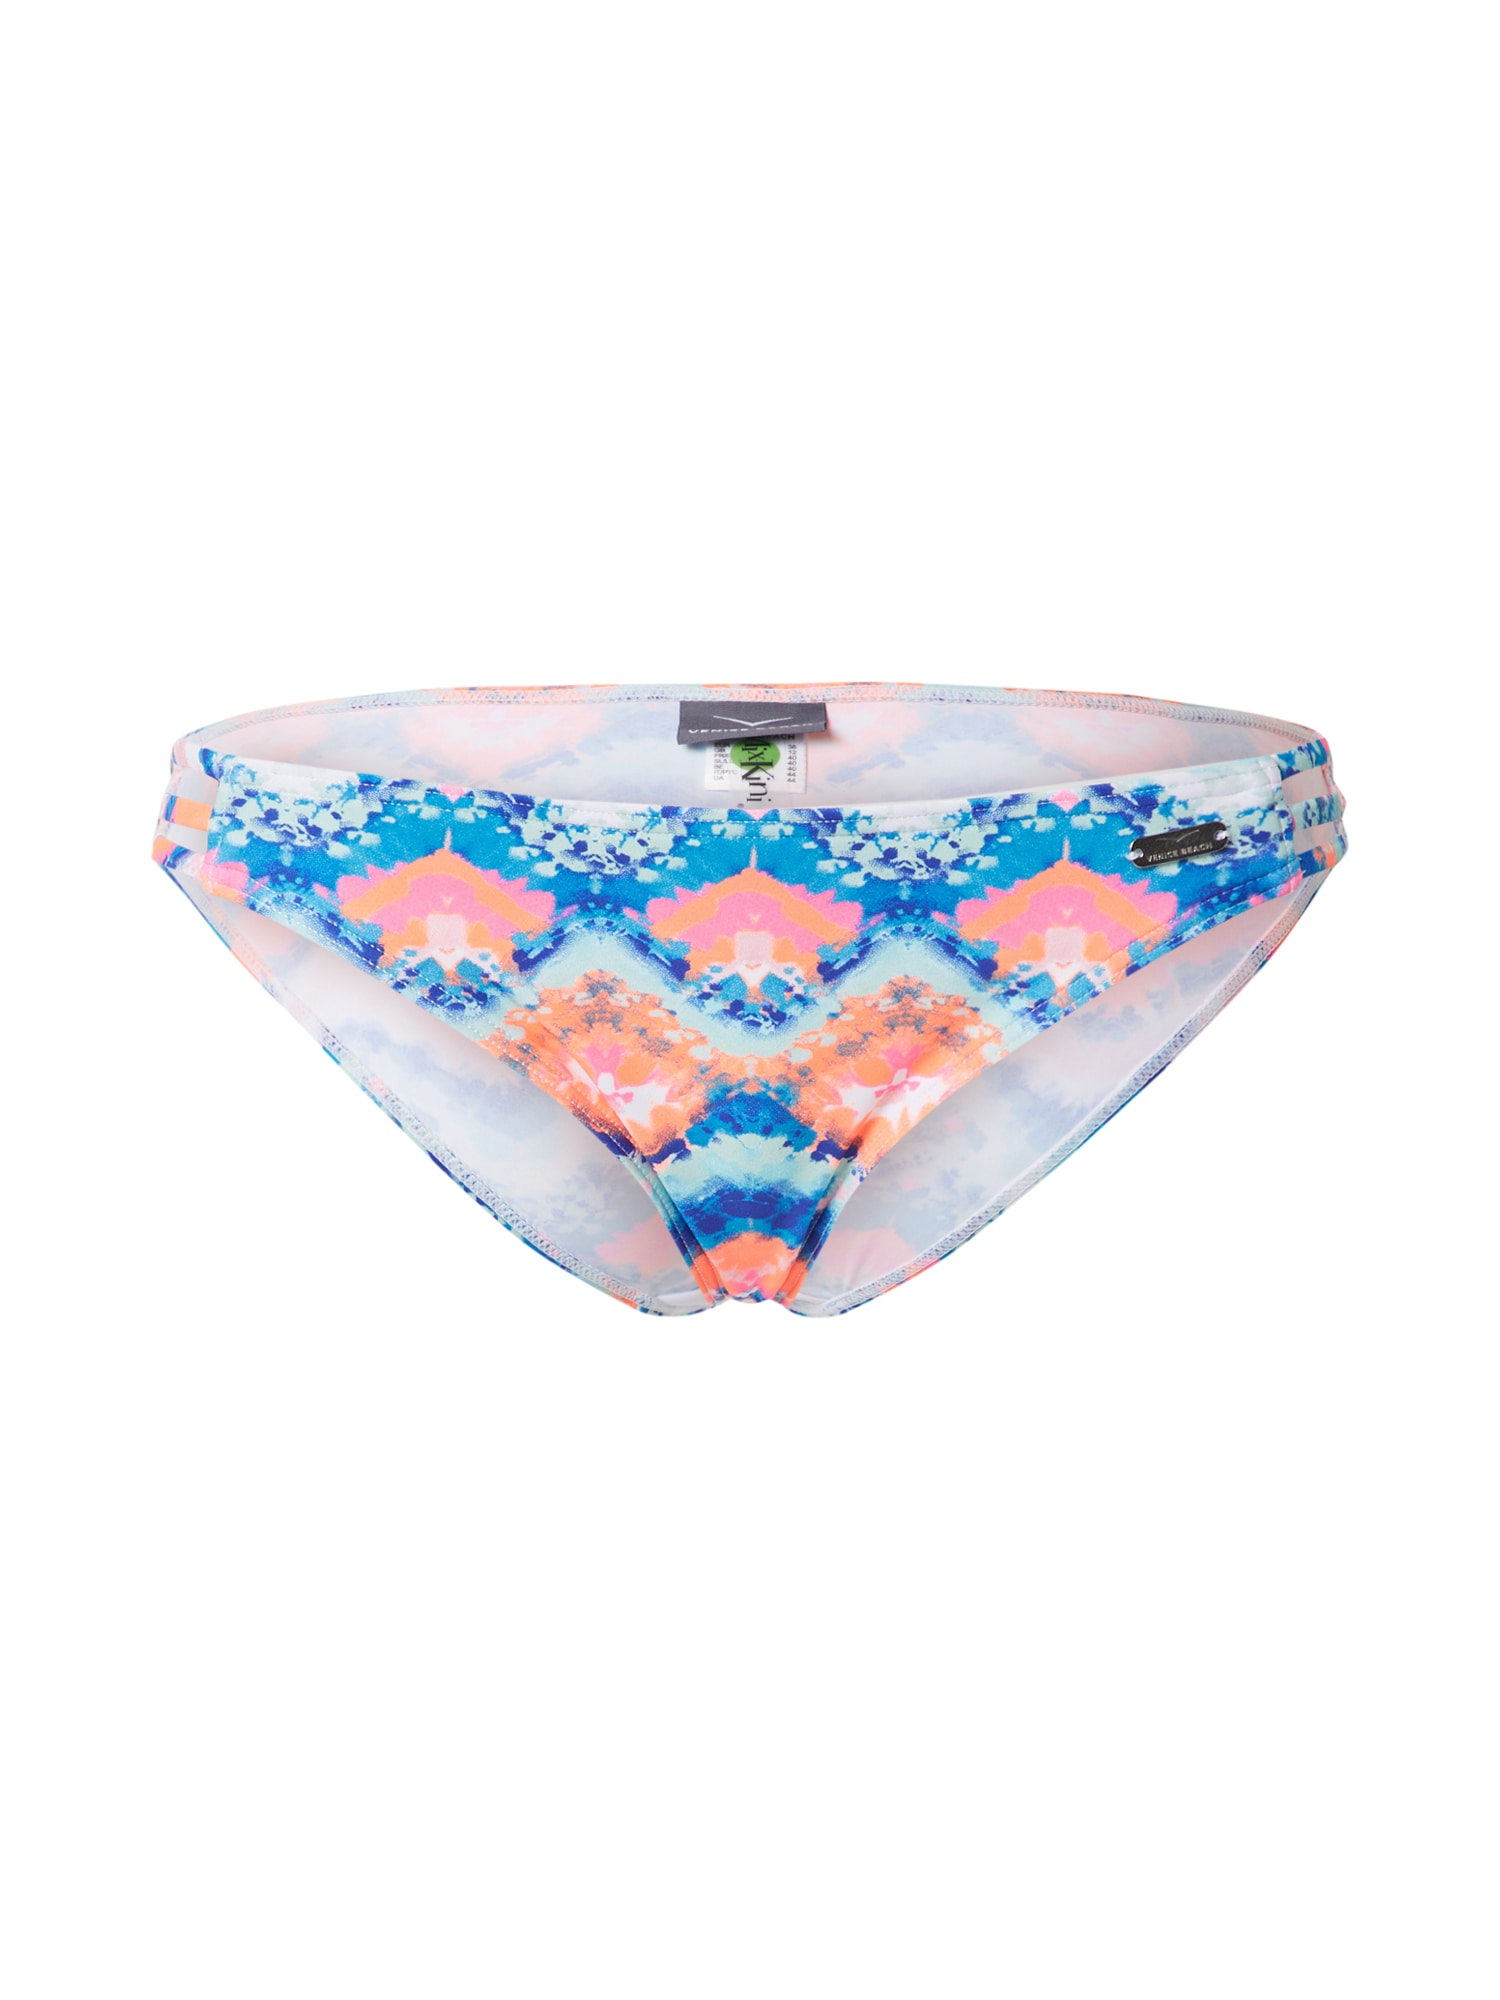 VENICE BEACH Bikinio kelnaitės mėlyna / oranžinė / balta / rožių spalva